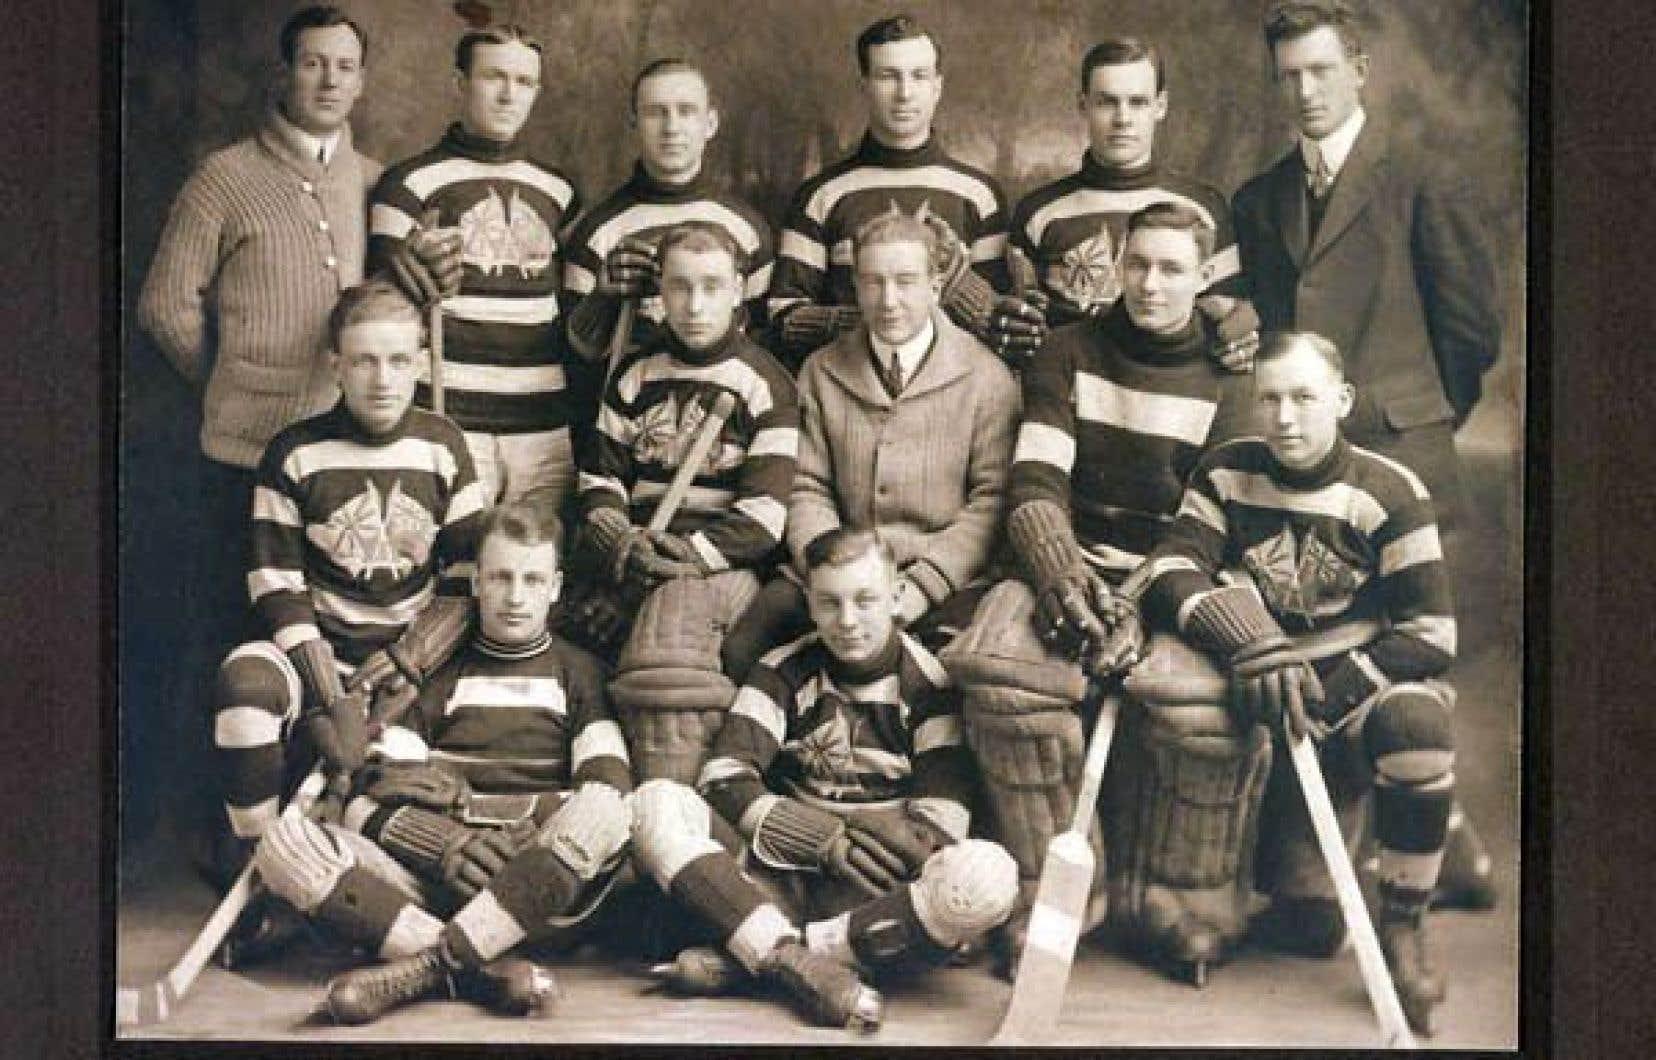 Touche à tout, Francis Joseph Shaughnessy (à l'arrière, à droite) ne peut refuser lorsqu'en 1913 les Sénateurs d'Ottawa, de l'Association nationale de hockey — ancêtre de la LNH —, font appel à ses services pour occuper le poste de gérant de l'équipe.